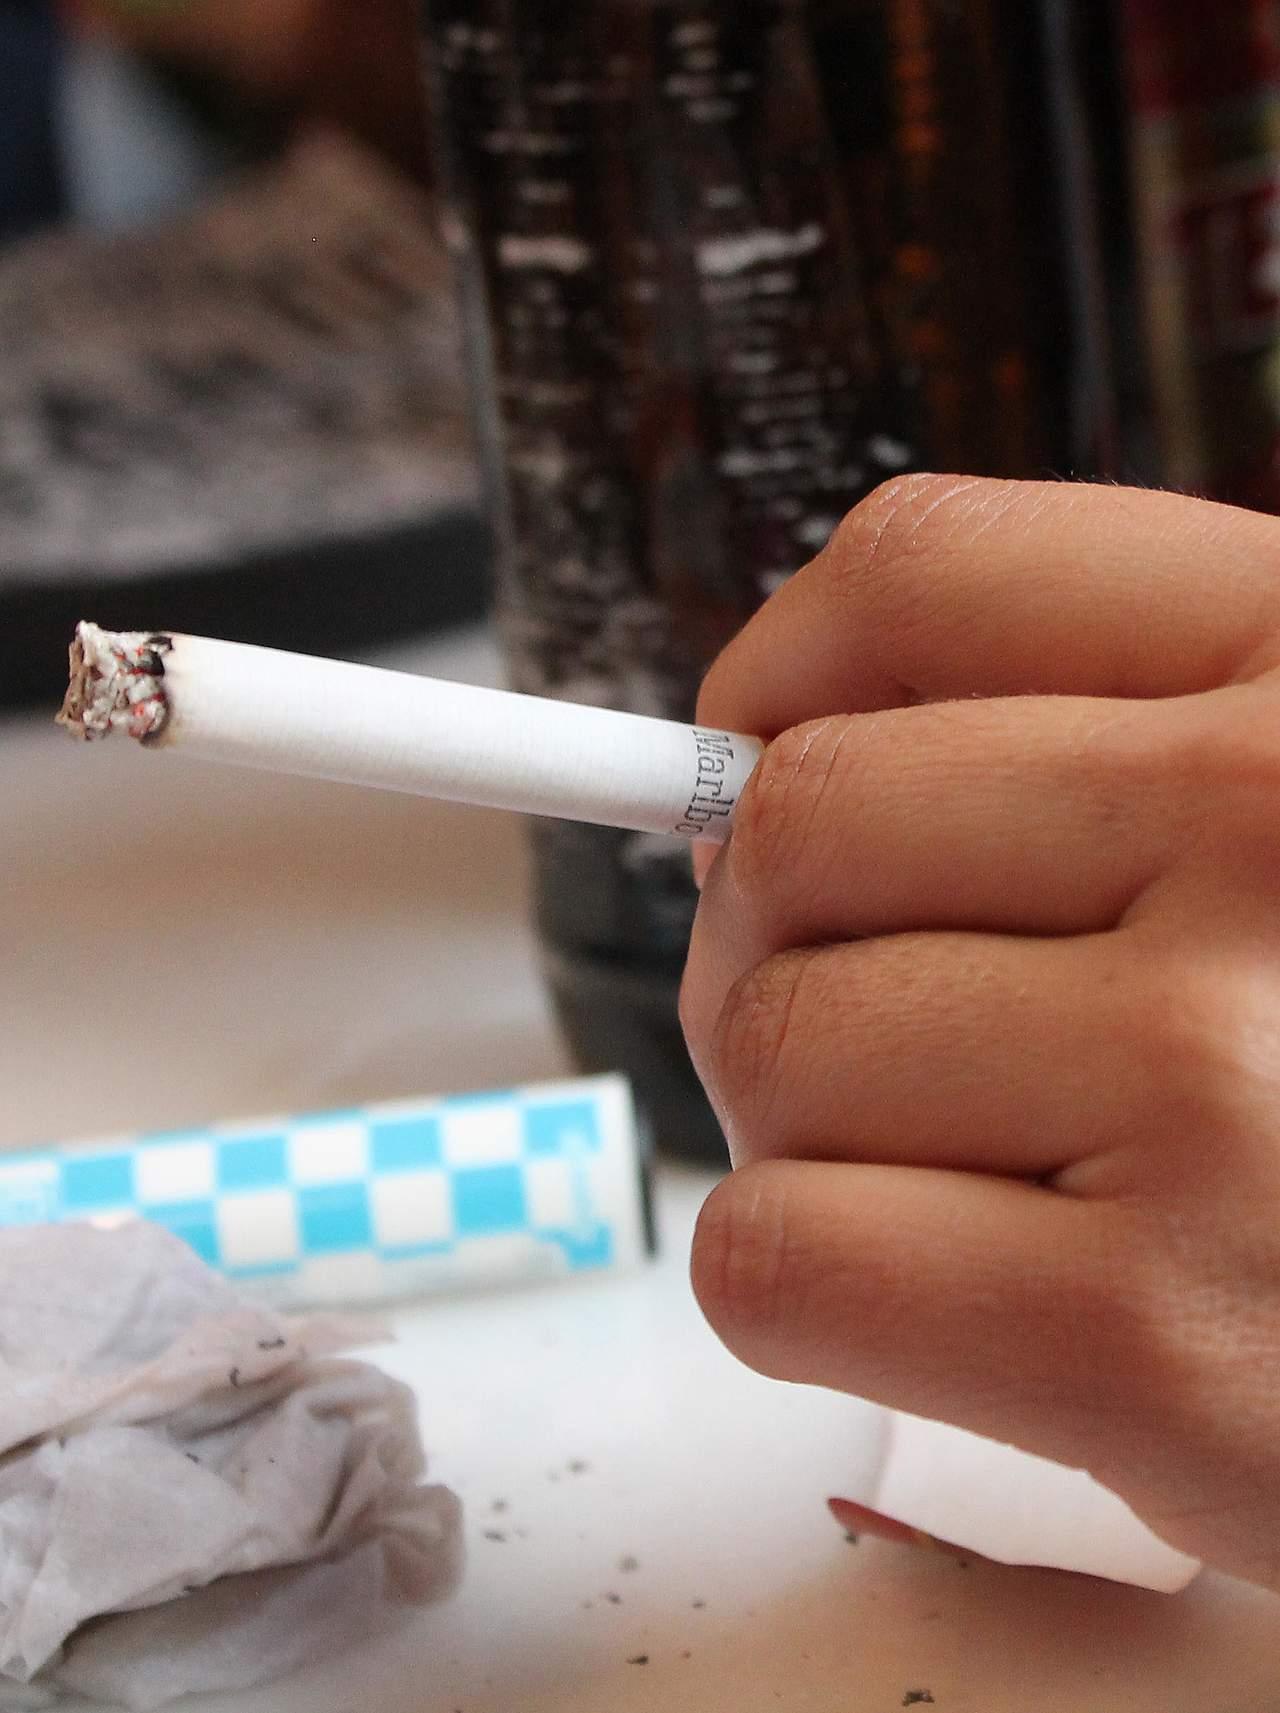 El tabaco es costoso para la economía mundial, informa WCTOH